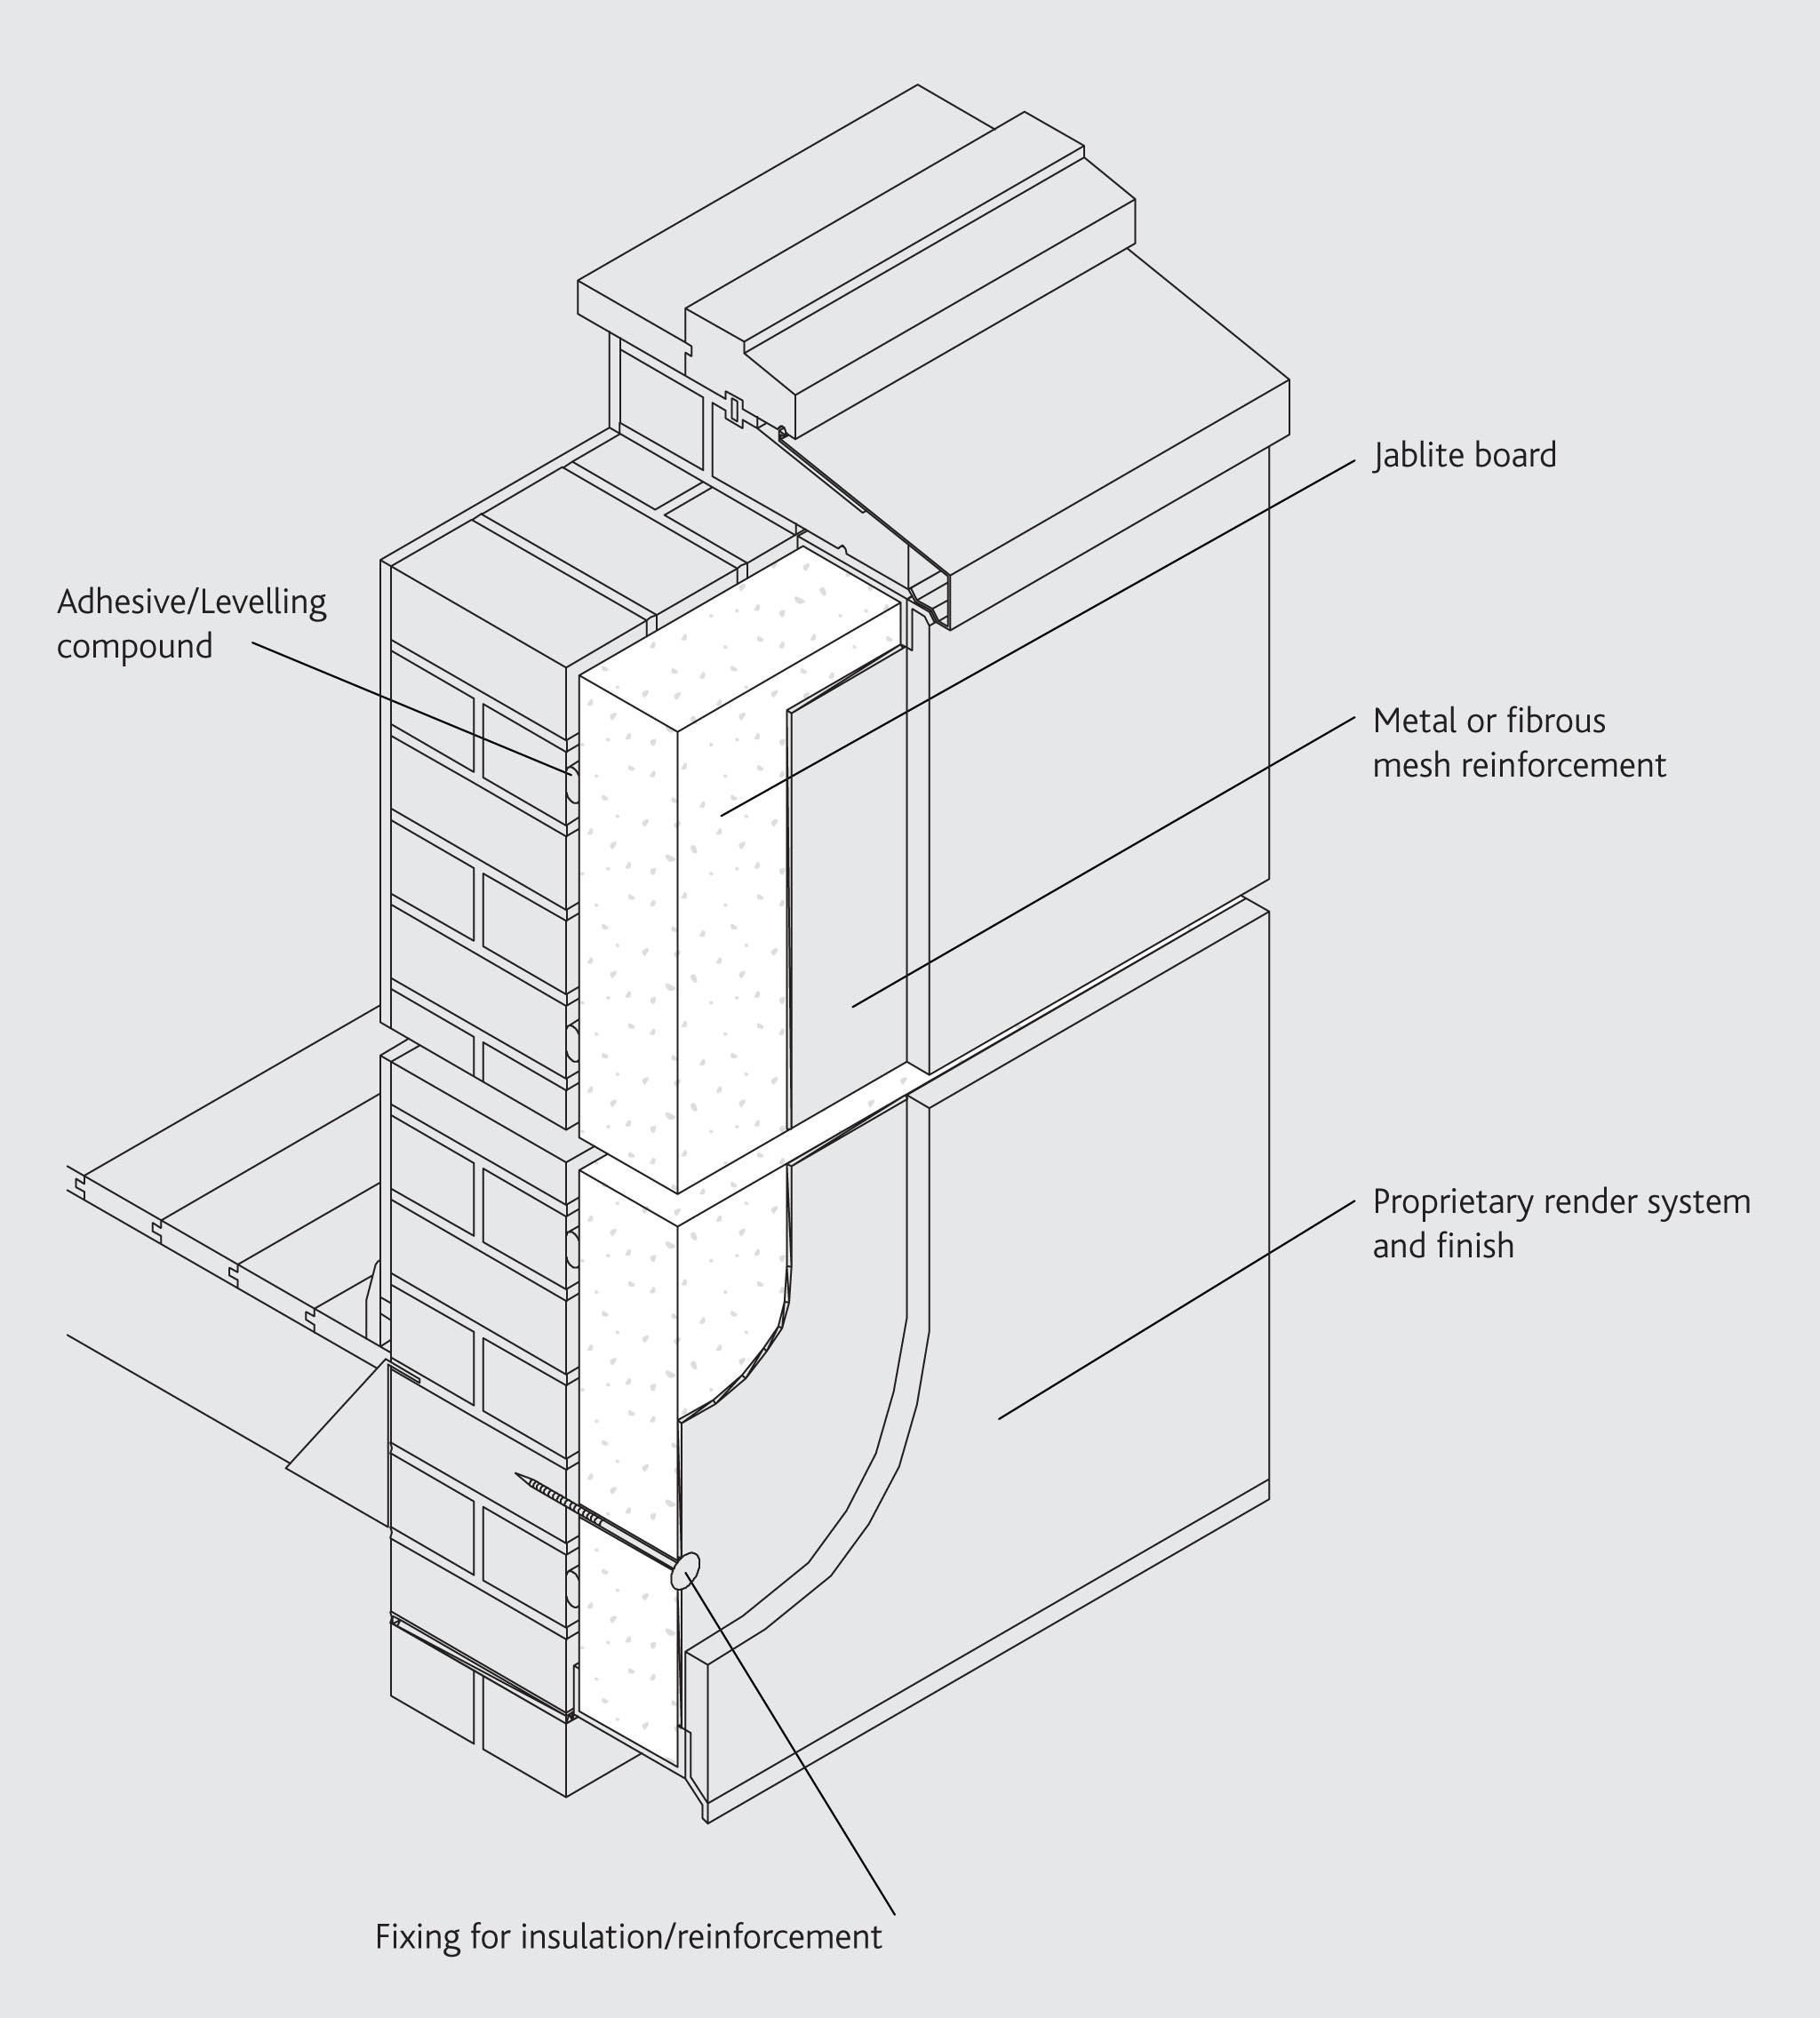 External Wall Insulation : Mm jablite external wall insulation board